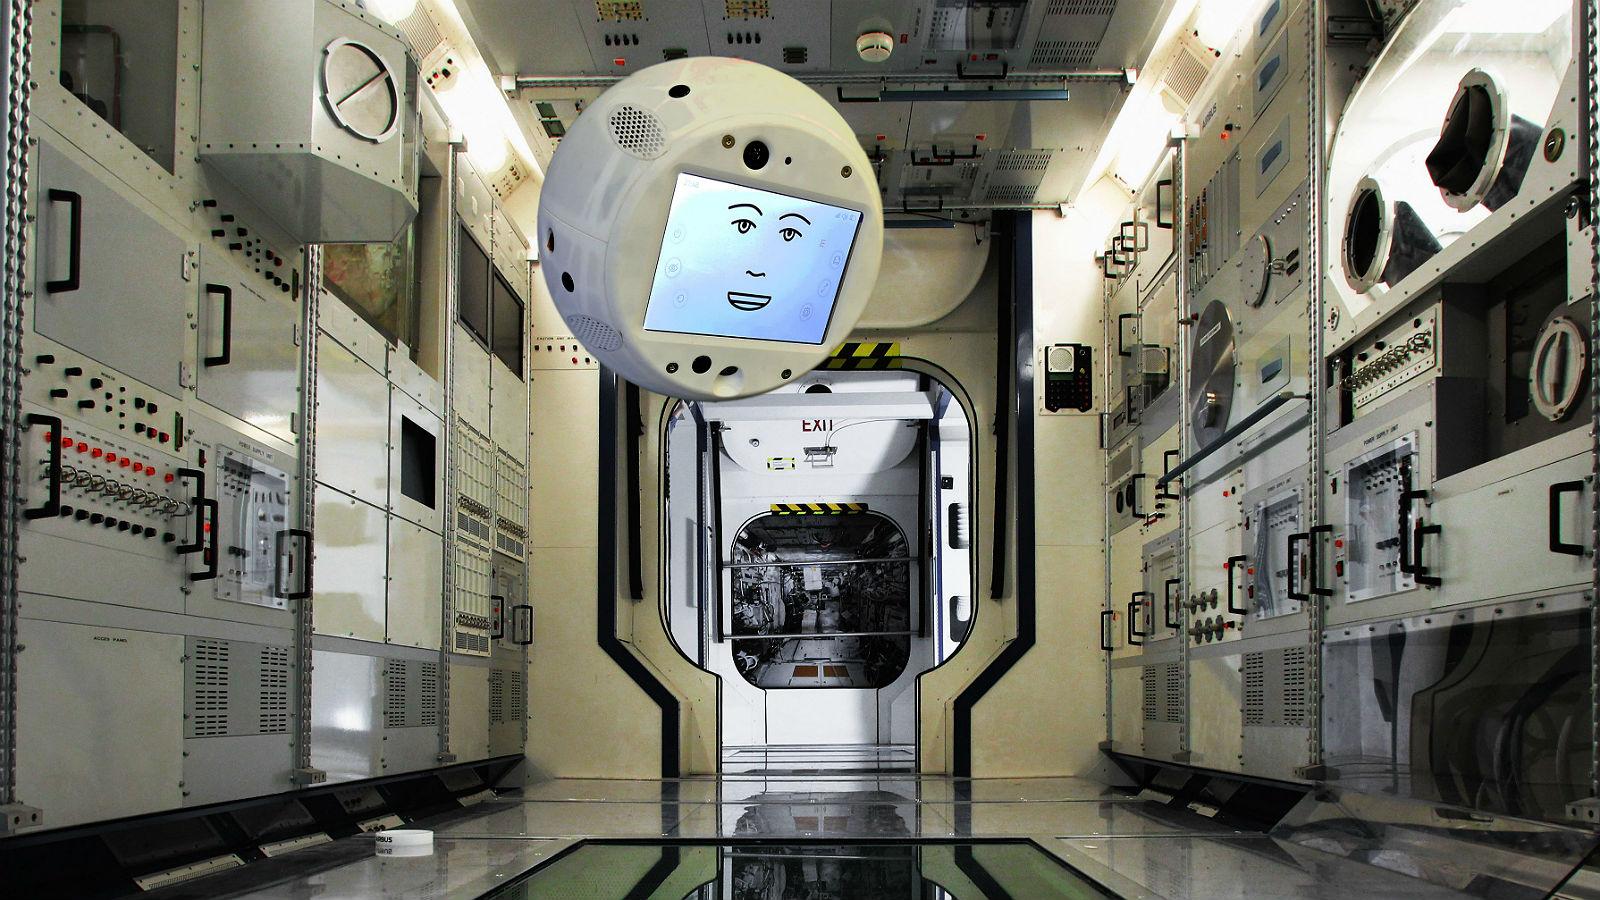 Wie auf dieser Fotomontage im Simulator schwebte der Astronauten-Assistent CIMON durch die ISS. Bild: Airbus